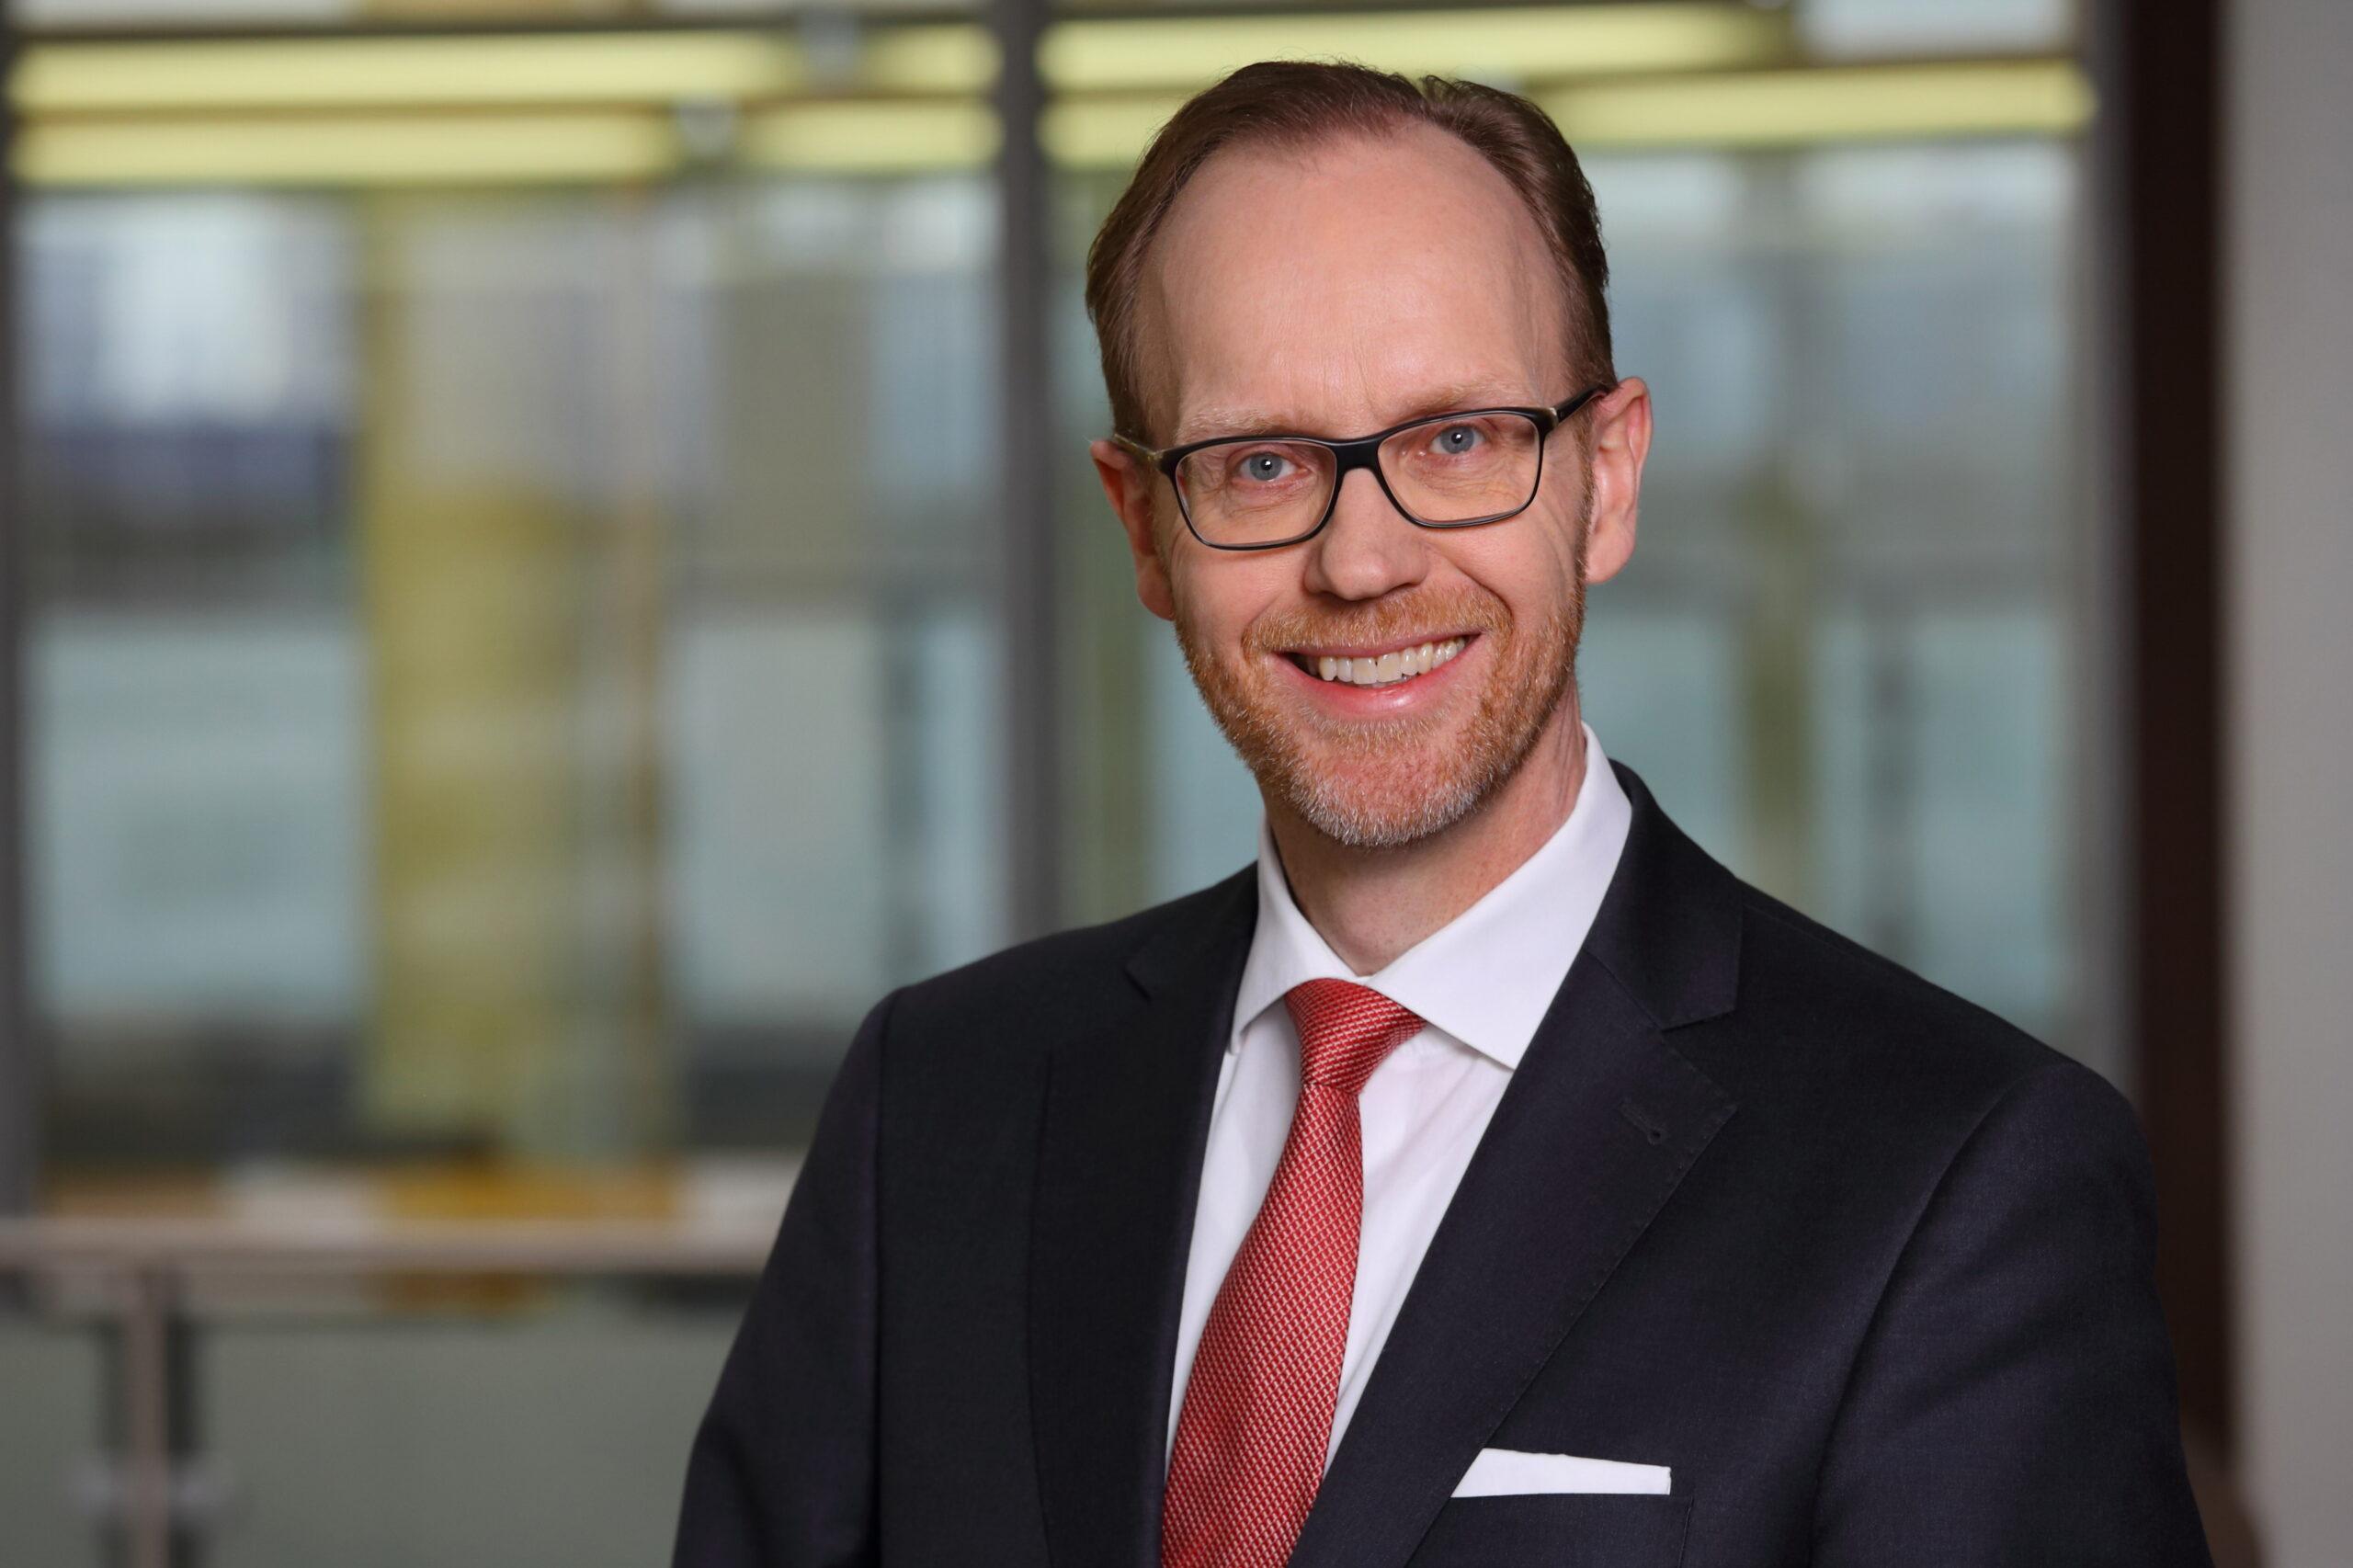 Henning Lobin zum Forum Deutsche Sprache in Deutschlandfunk Kultur